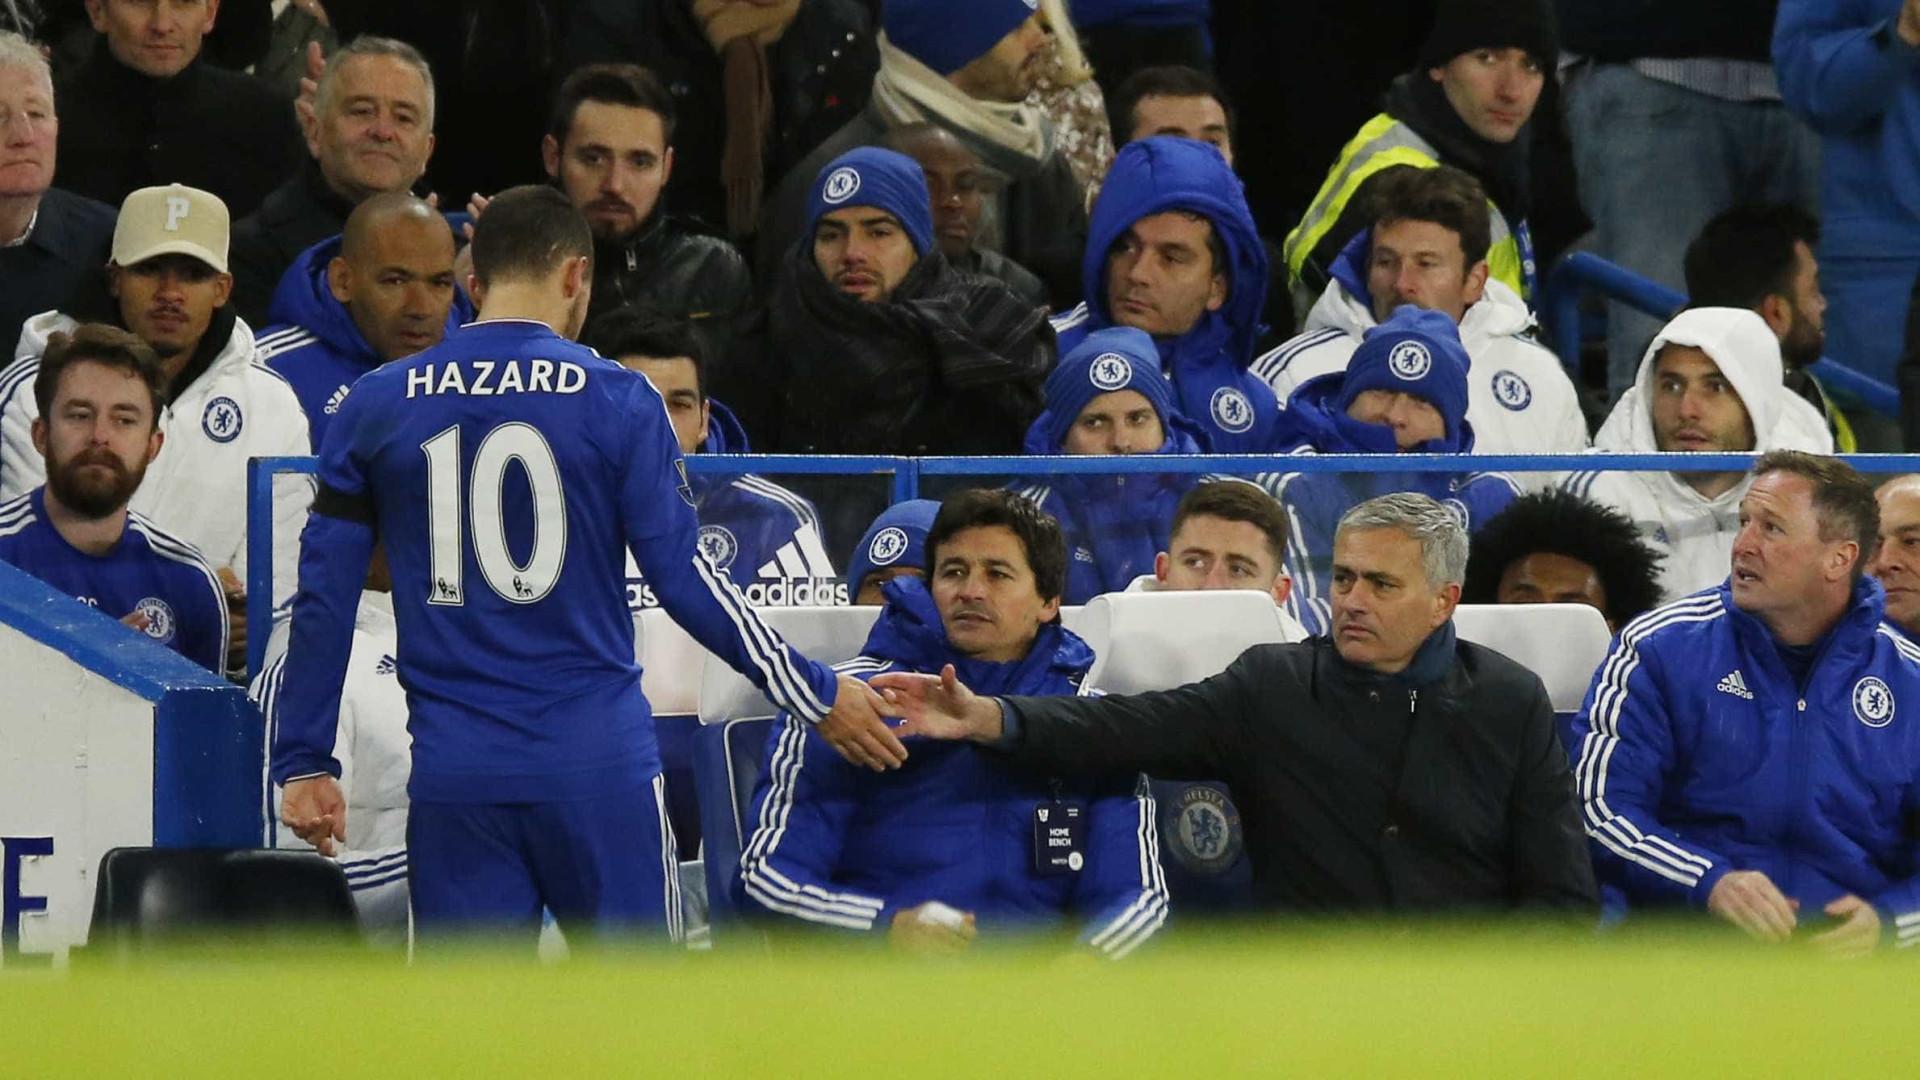 """Hazard nega má relação com Mourinho: """"Sempre estive ao lado dele"""""""